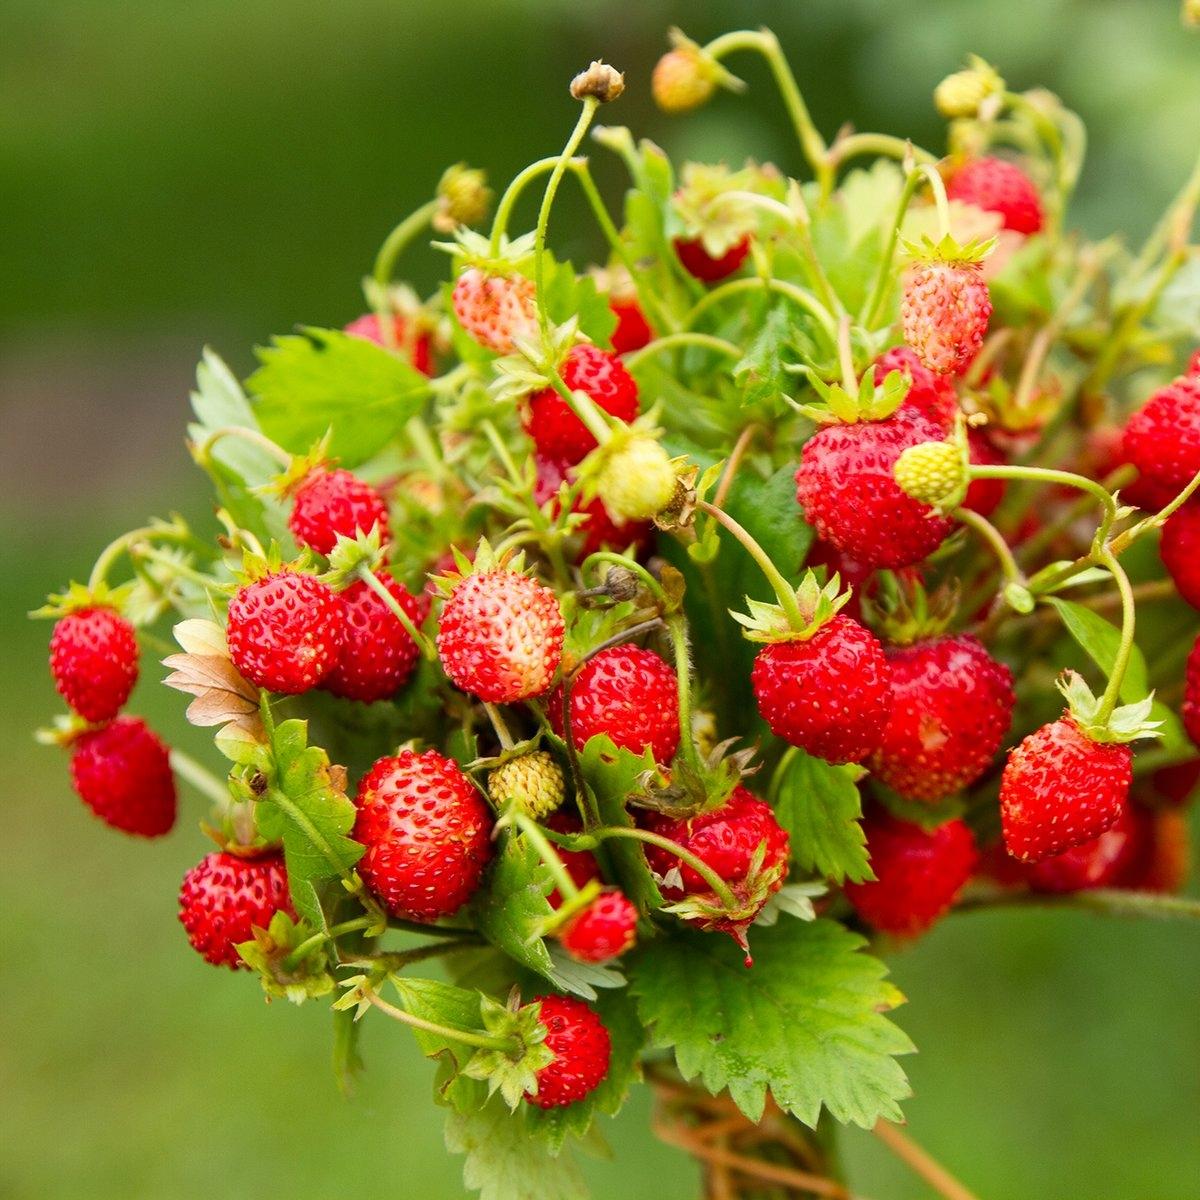 Земляника GIGANT Giant Fruits за 3 месяца